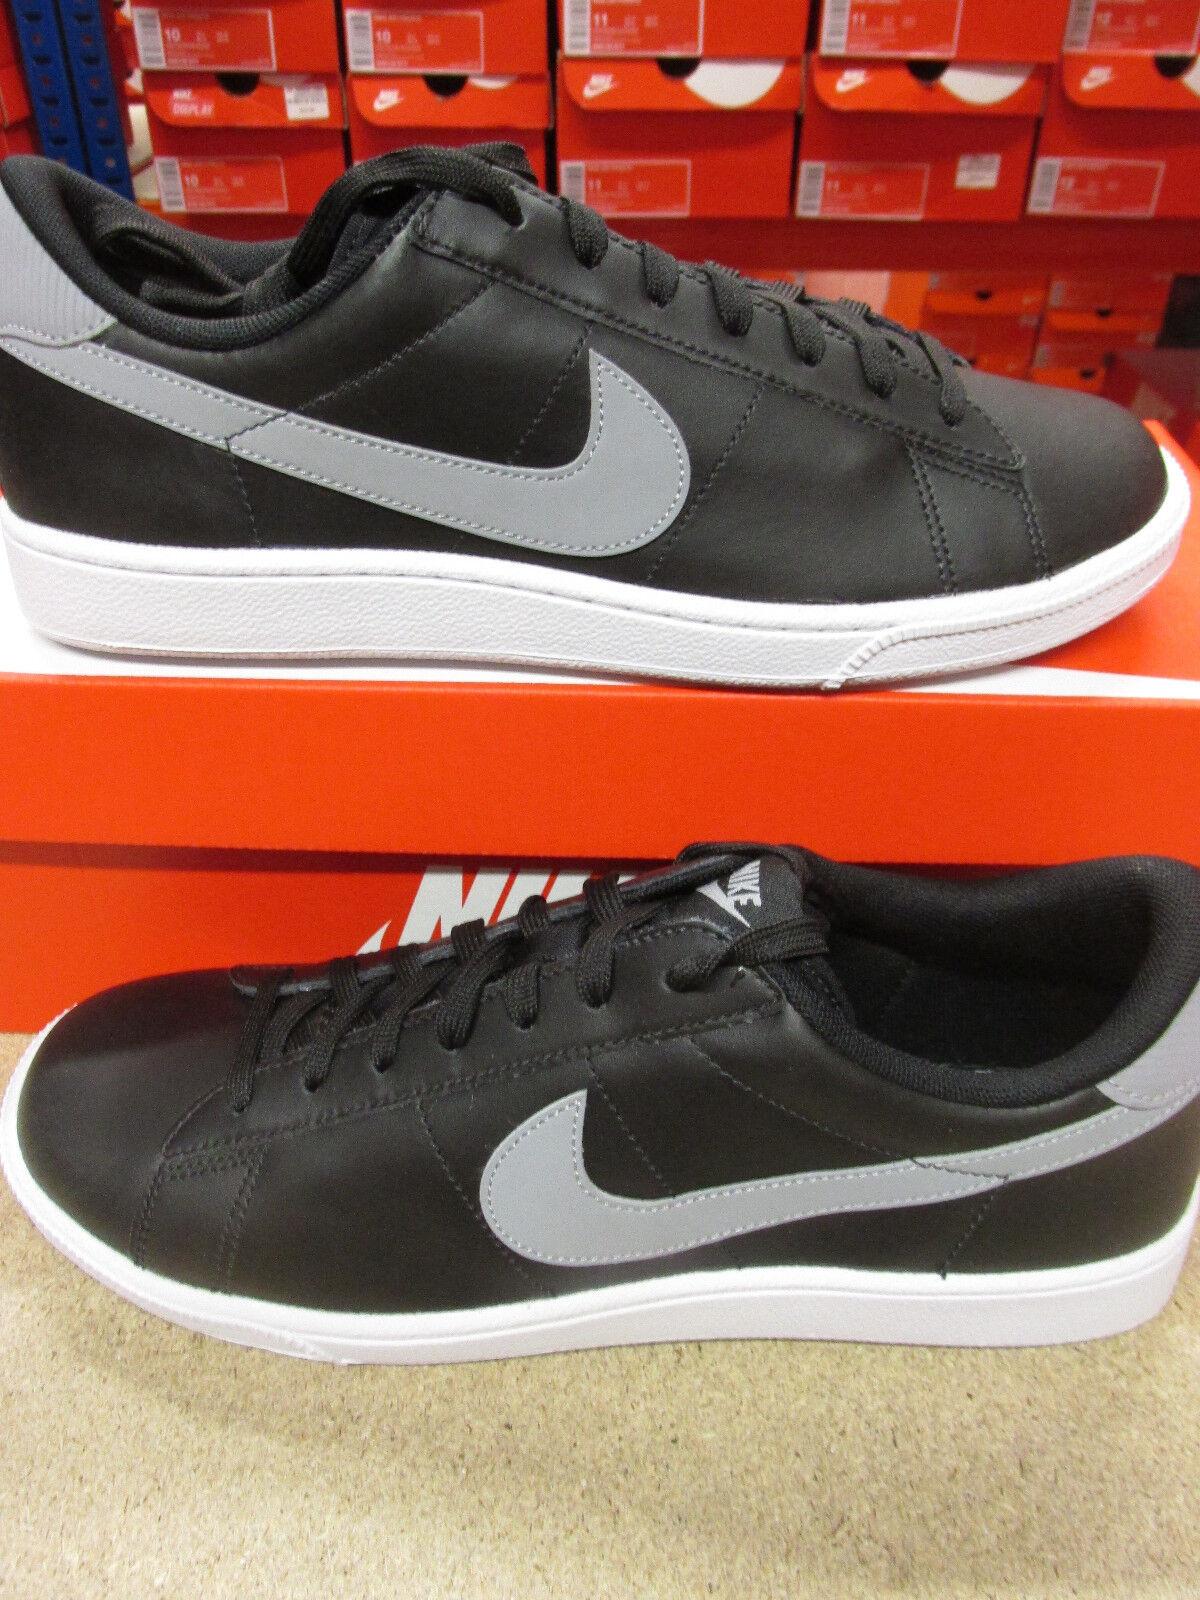 Nike tengo e 'cl  683613 sico cs zapatillas hombre 683613  012 zapatillas 33055e